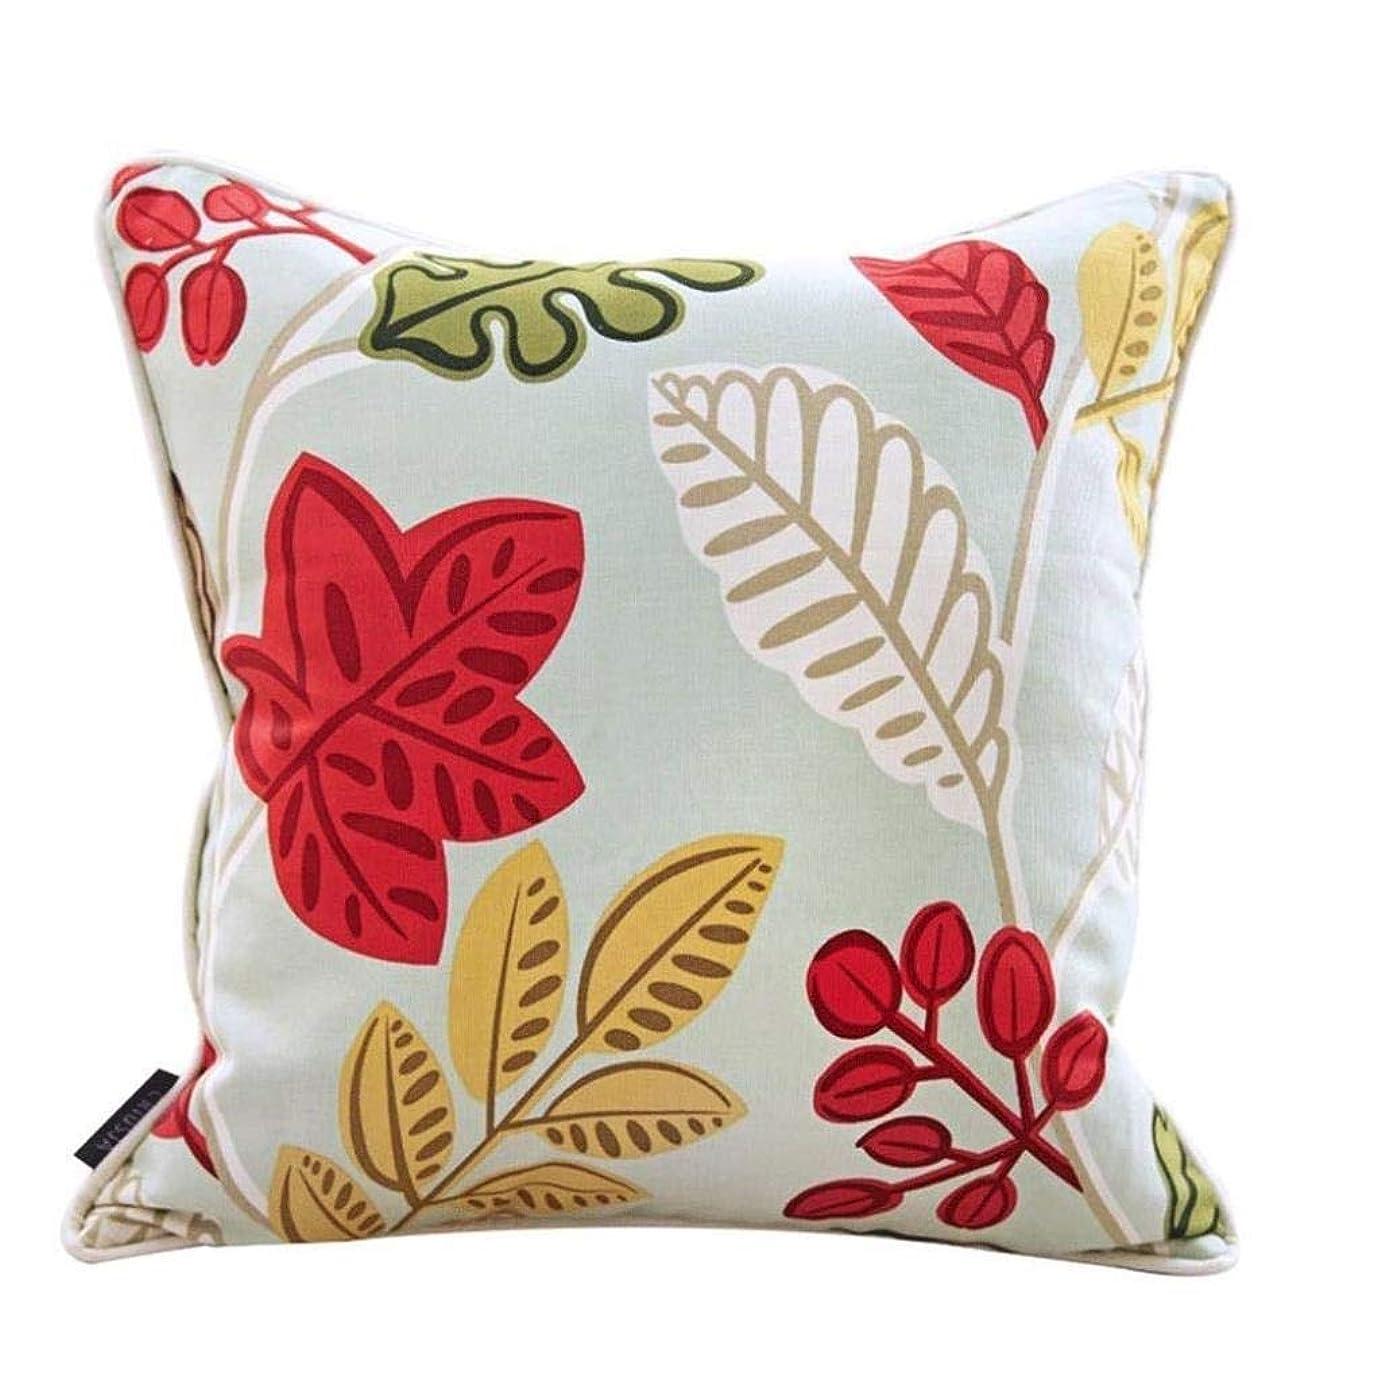 リスシマウマ麻酔薬枕ソファクッションベッド背もたれバッグガーデンプラントフラワークッションラージバッグコットンスリーブコットン生地色あせないことはできませんボールは縮みません (Size : 60x60cm)